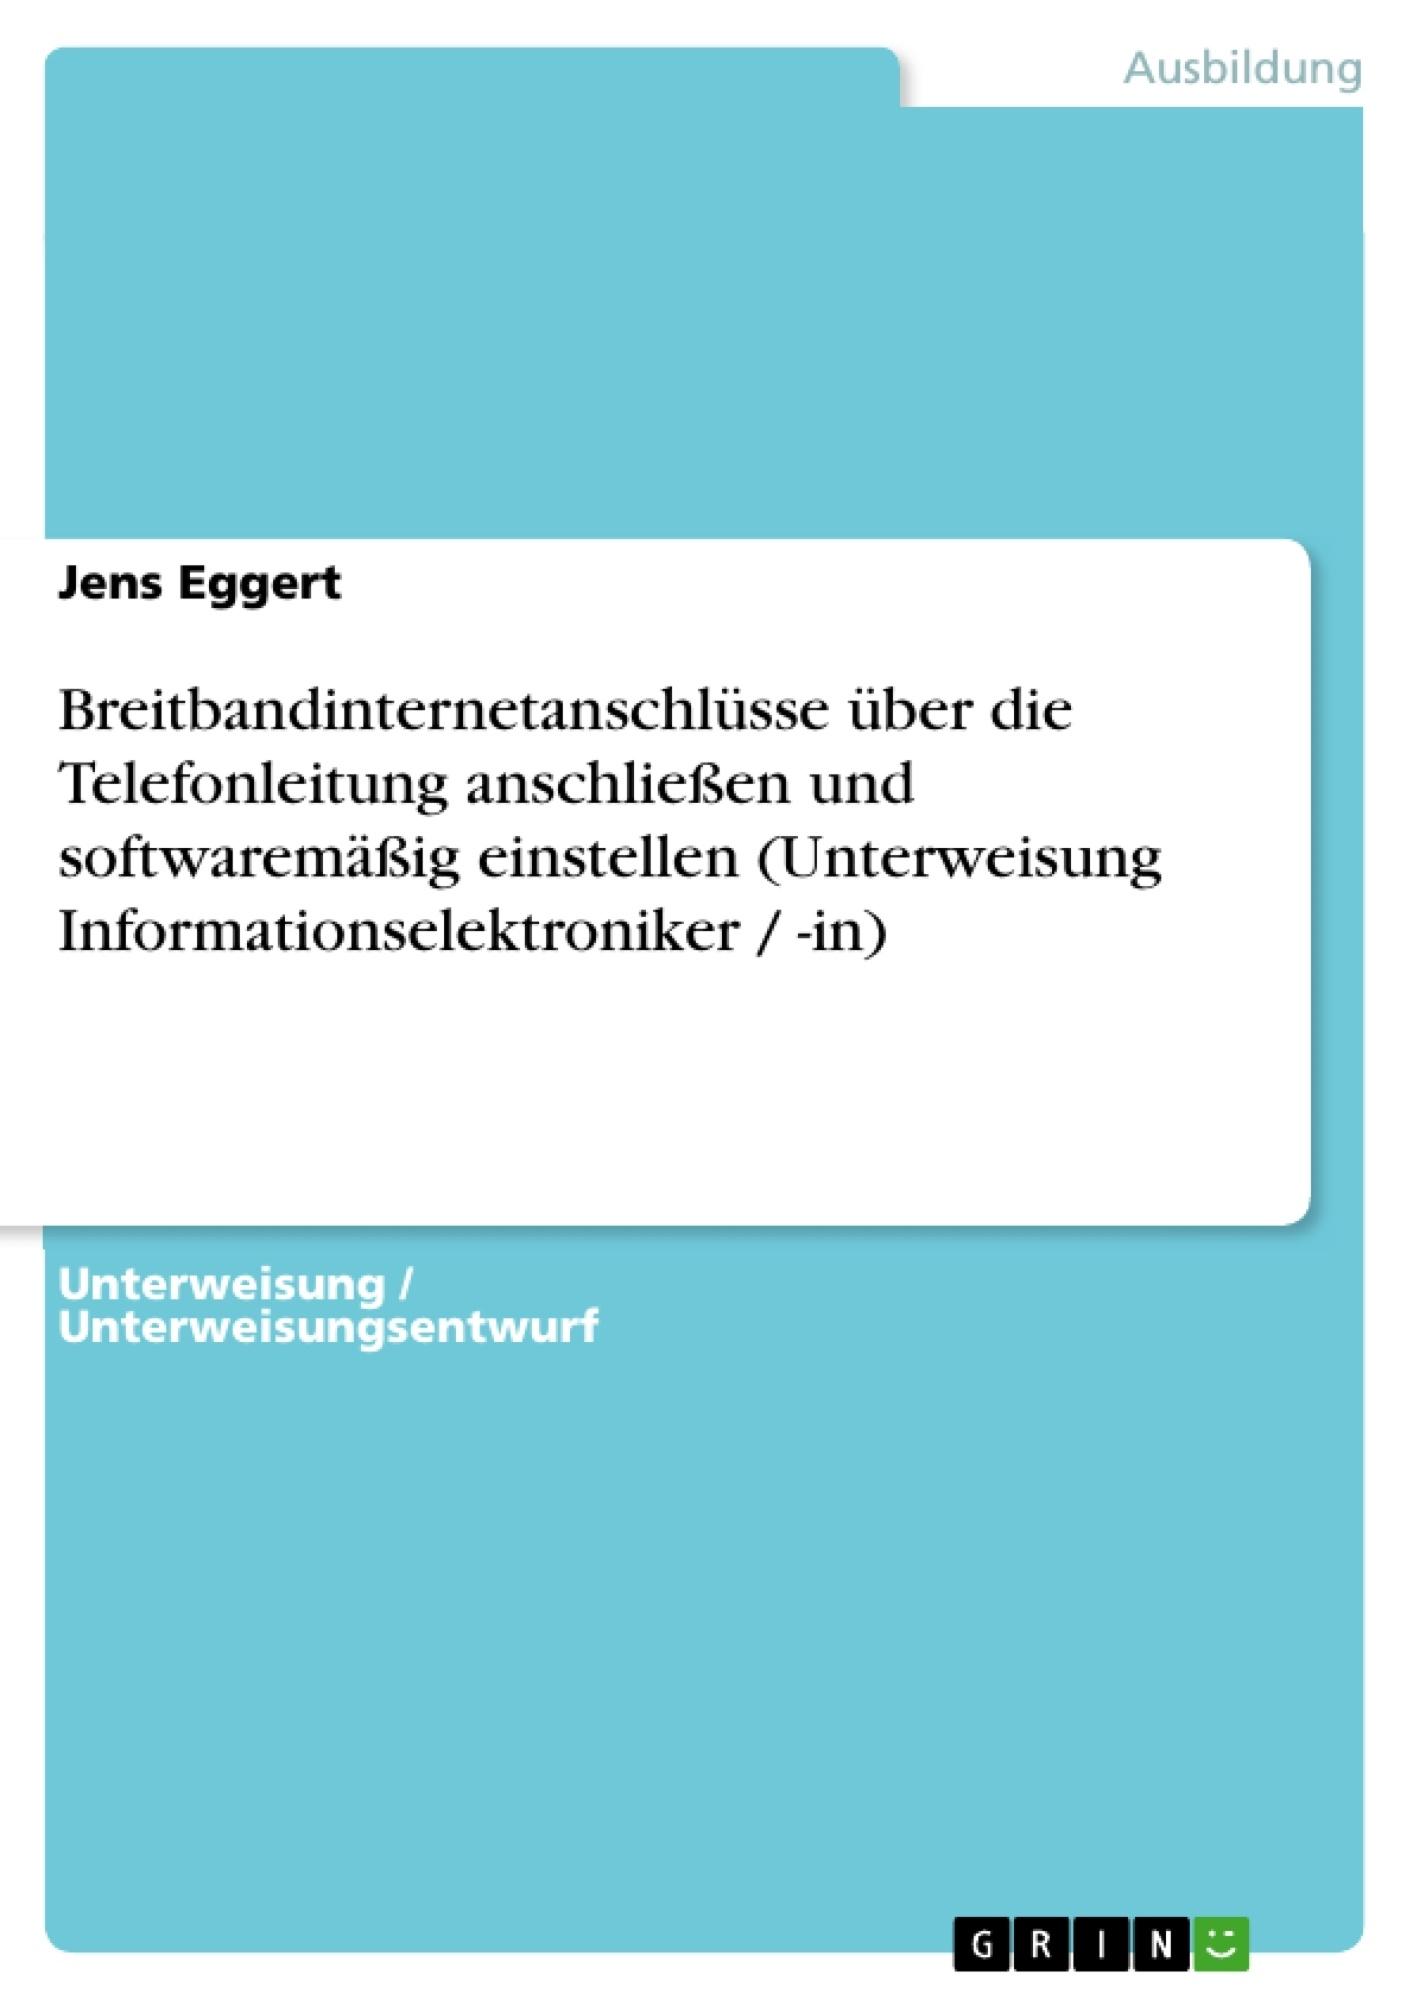 Titel: Breitbandinternetanschlüsse über die Telefonleitung anschließen und softwaremäßig einstellen (Unterweisung Informationselektroniker / -in)